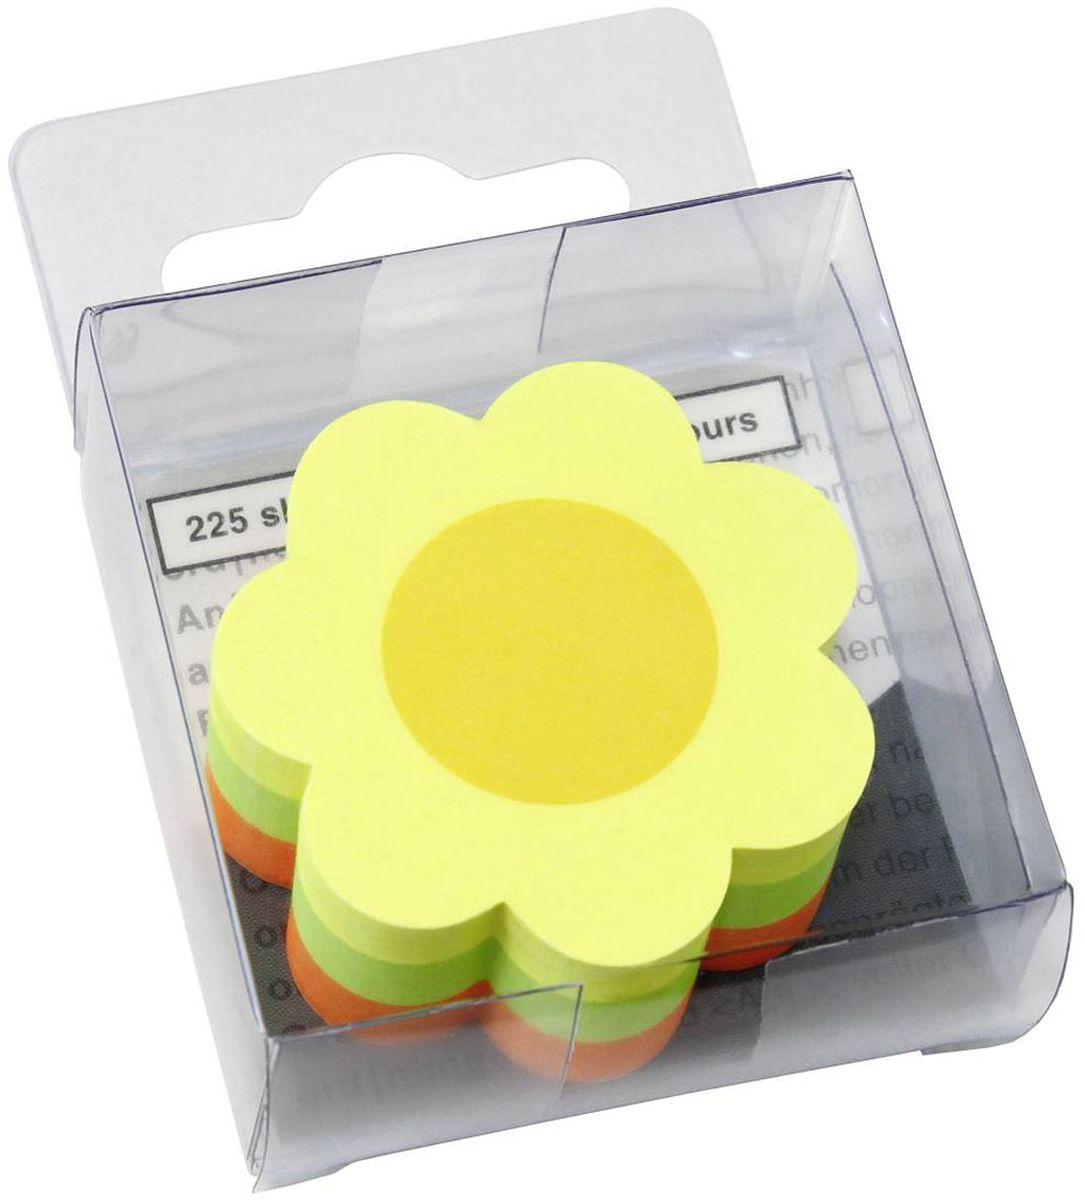 Global Notes Бумага для заметок с липким слоем Цветок 225 листов584239Не только удобна, но и интересна, позволяет привлечь внимание к нужной информации. Размер 50х50 мм. В блоке 225 листов. ЦВЕТОК. В блистерной коробке Плотность бумаги 70гр/м2